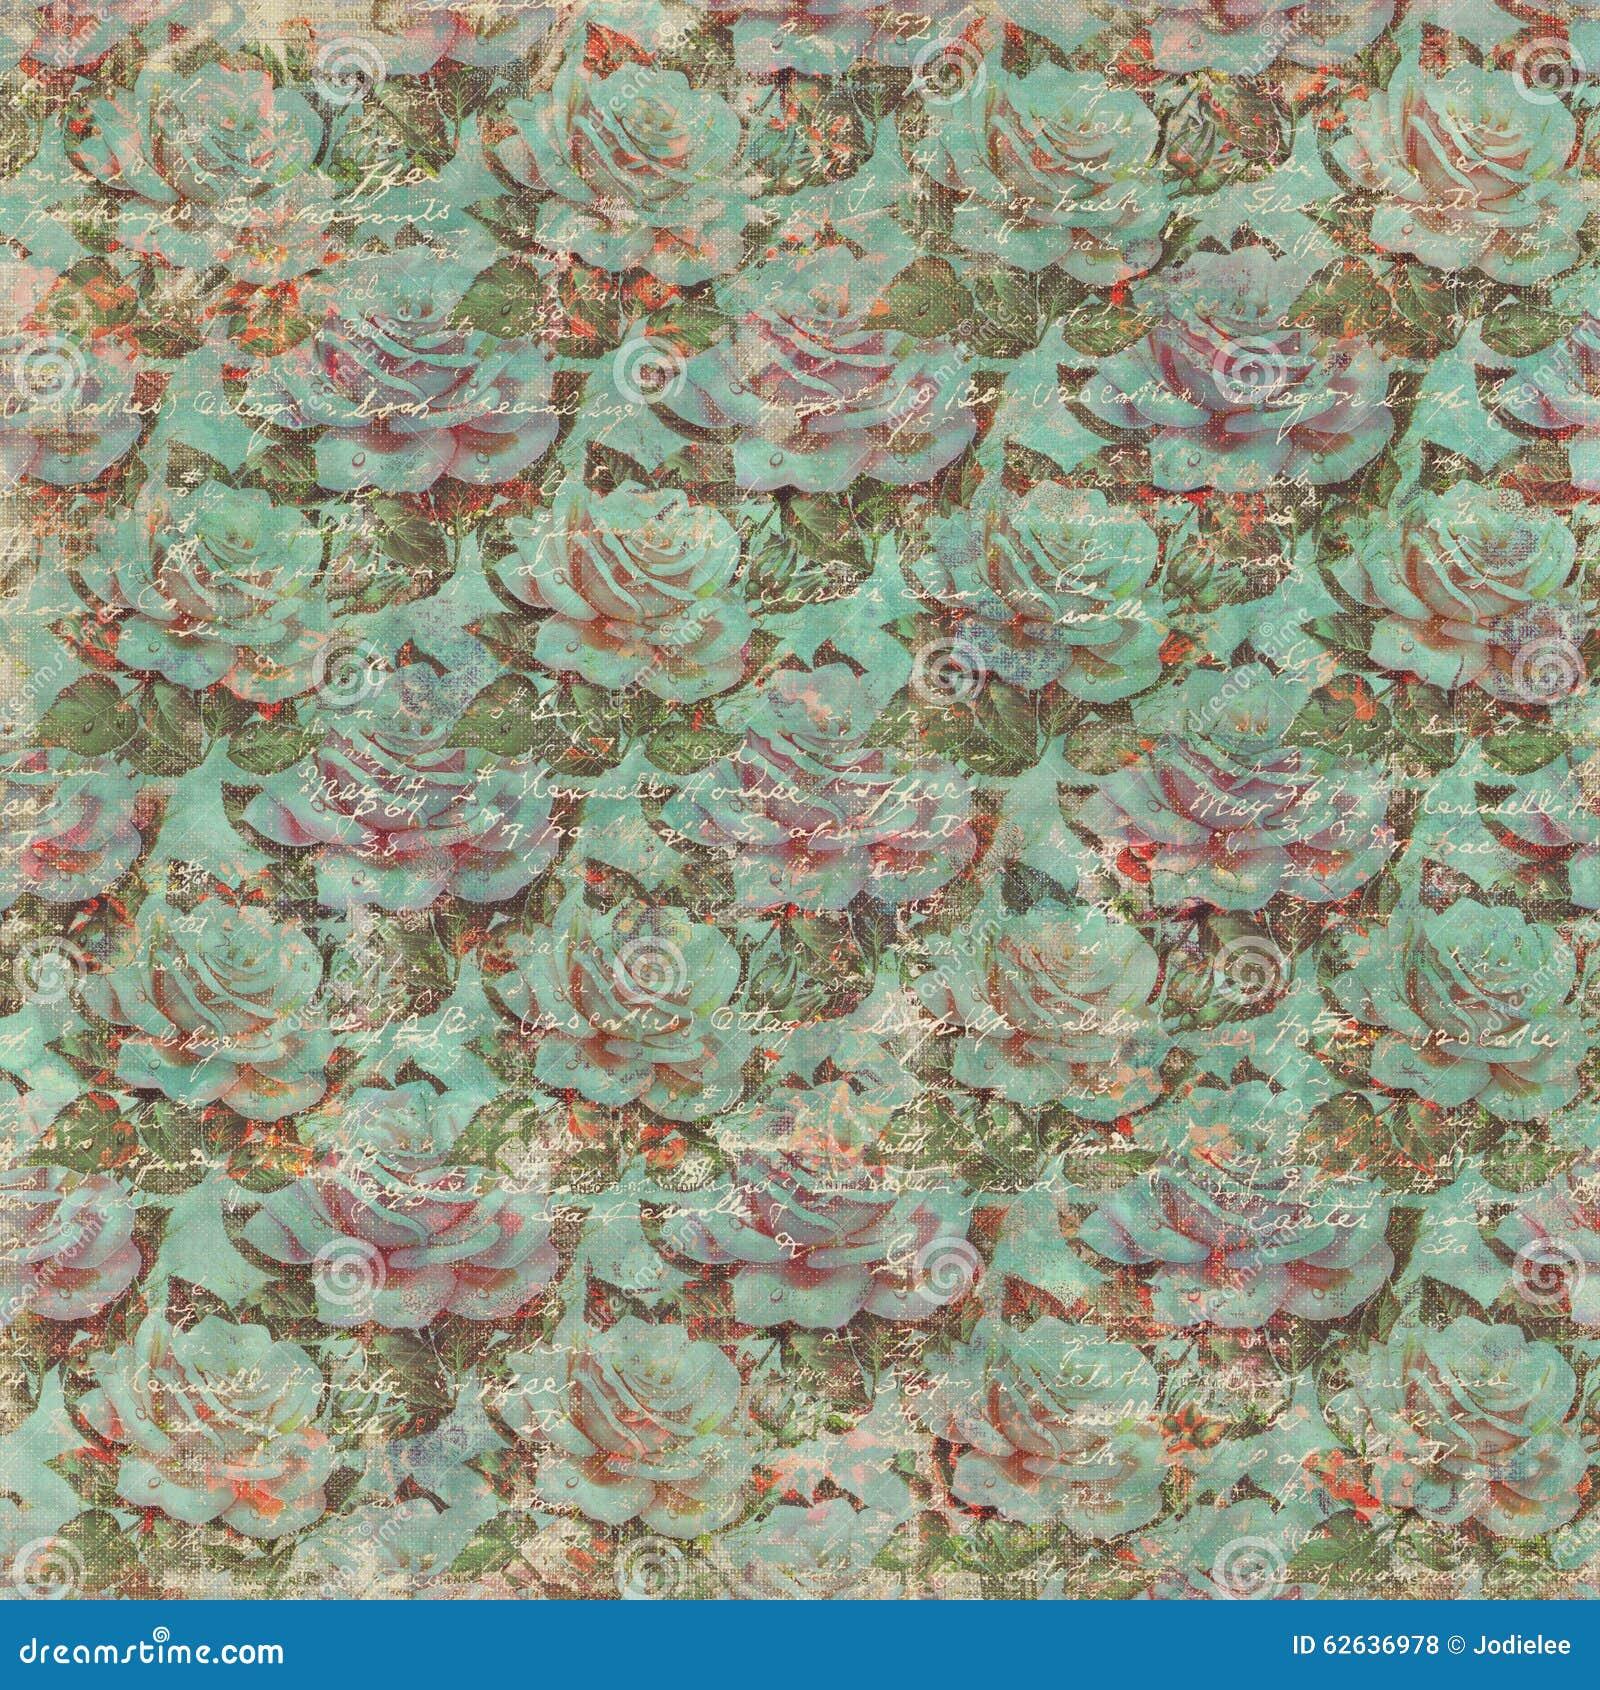 Vintage Rose Wallpaper Pattern sale avec le texte